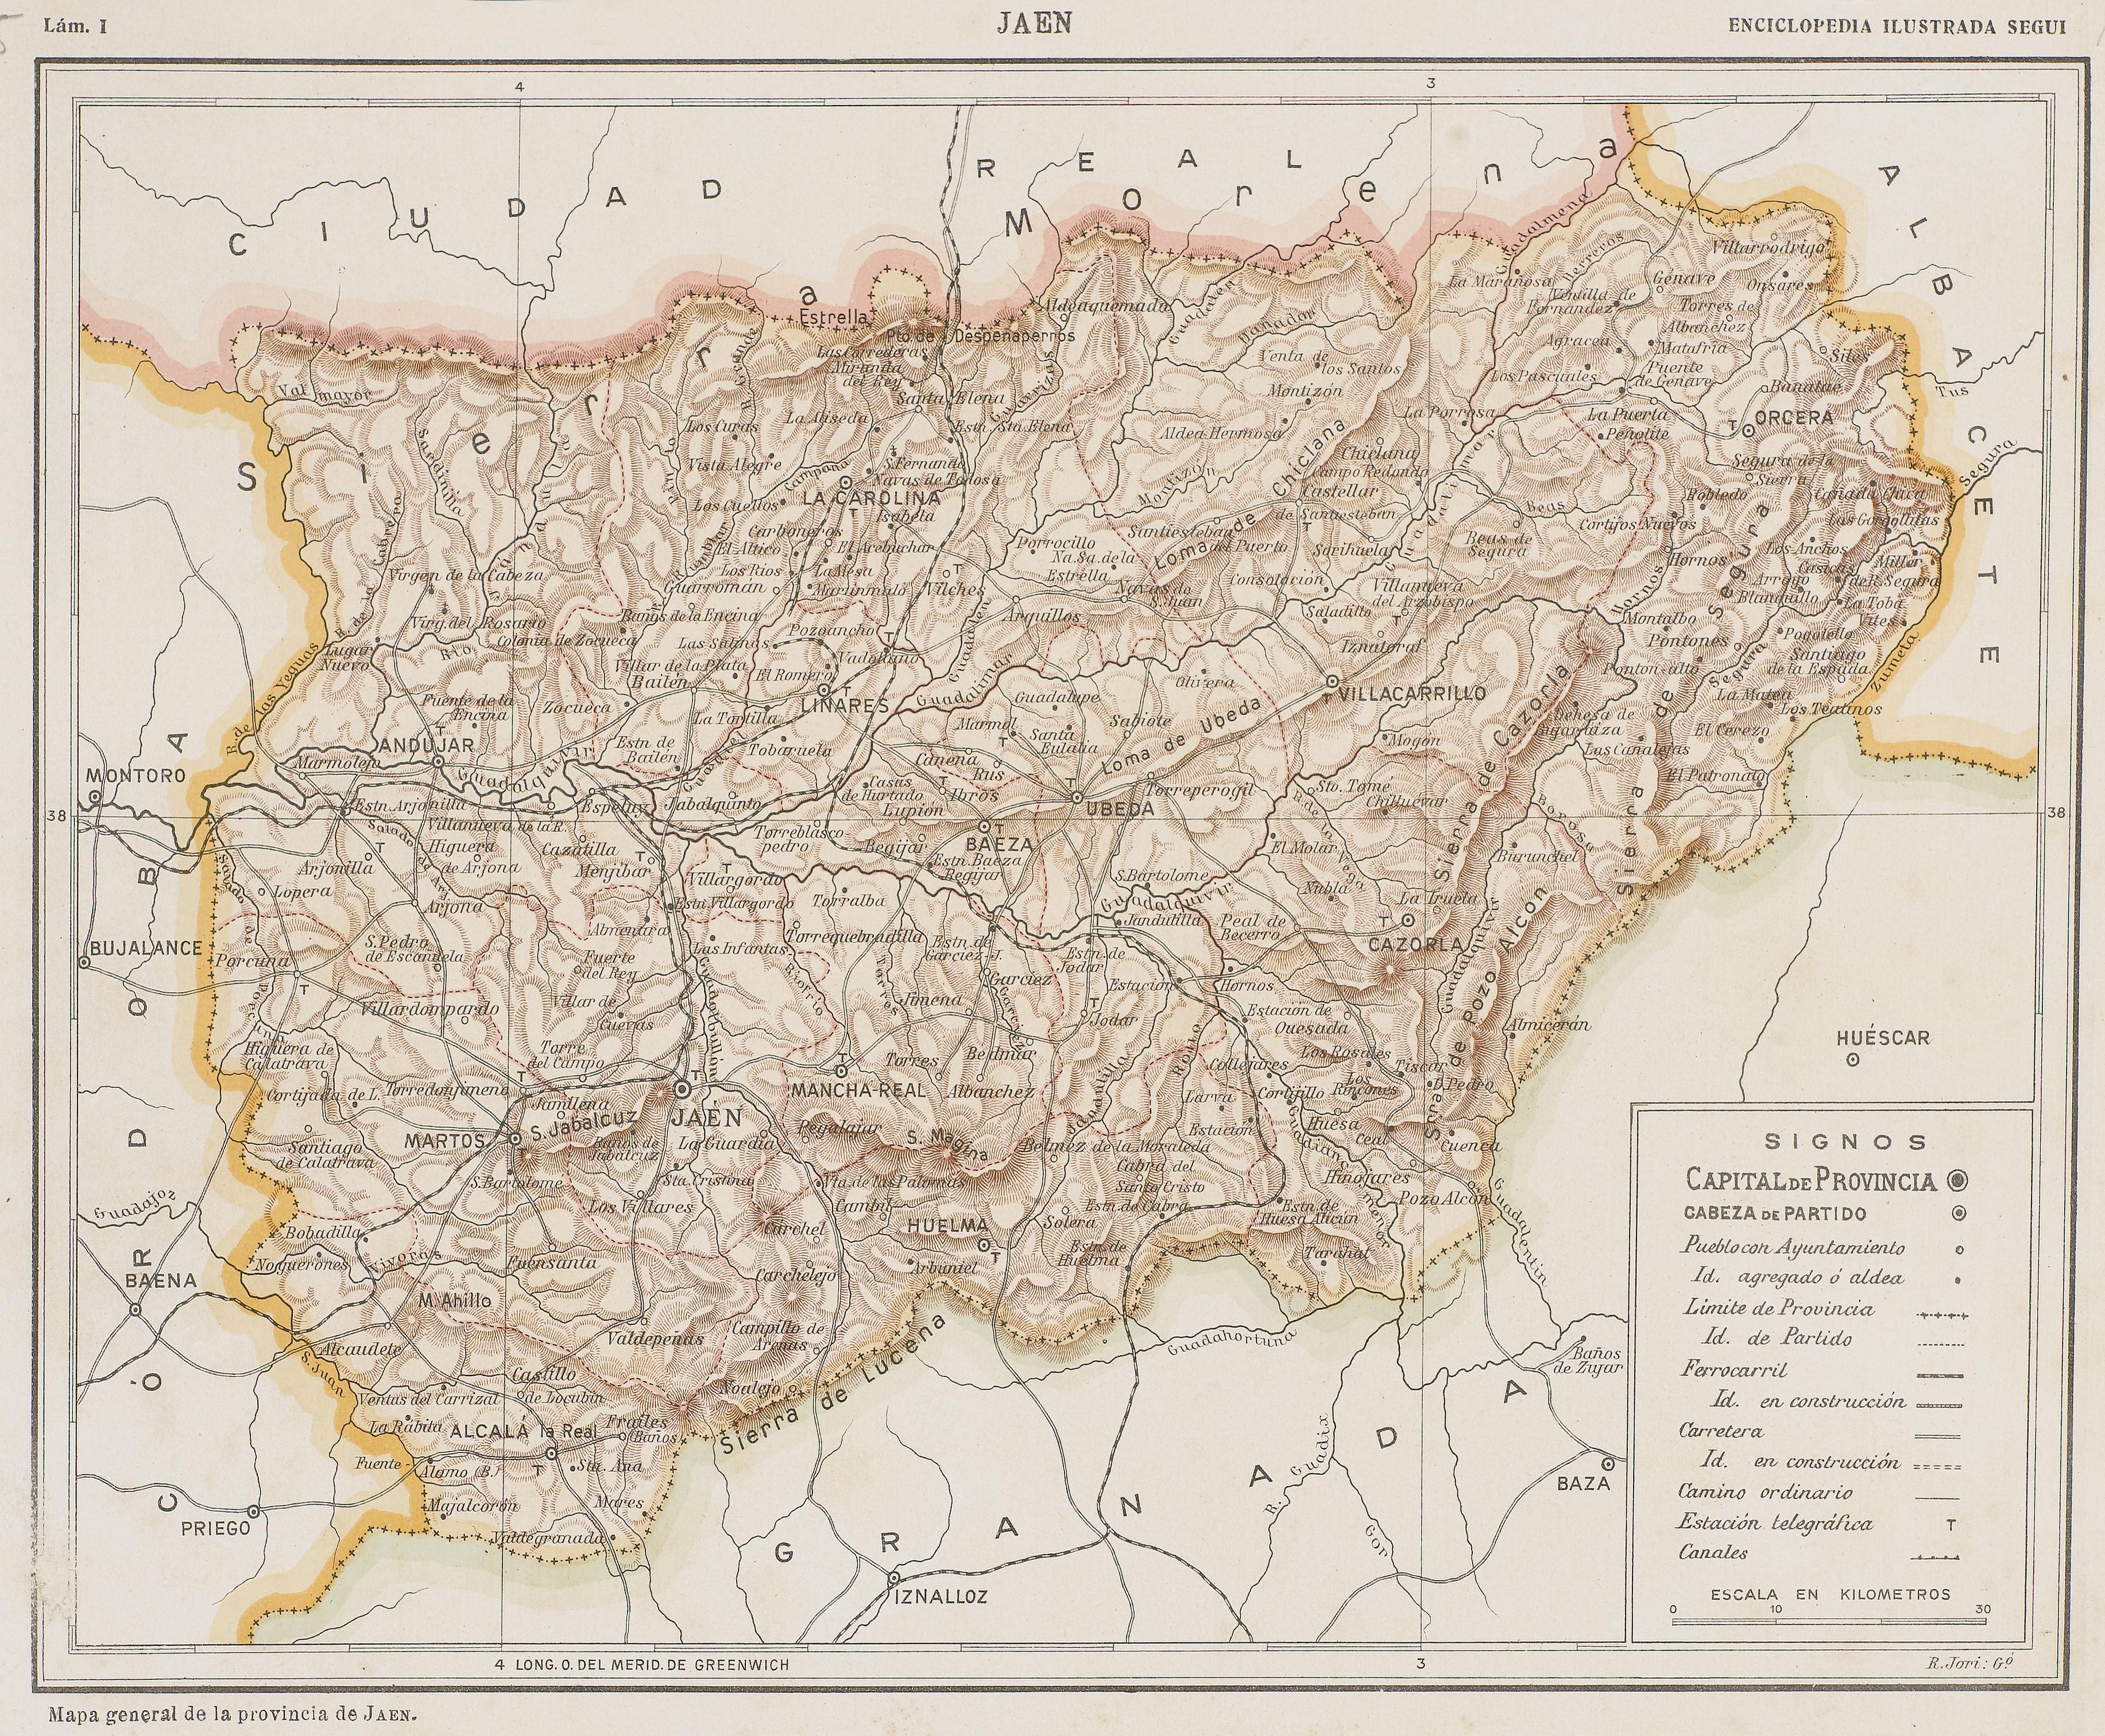 Mapa general de la Provincia de Jaén 1910